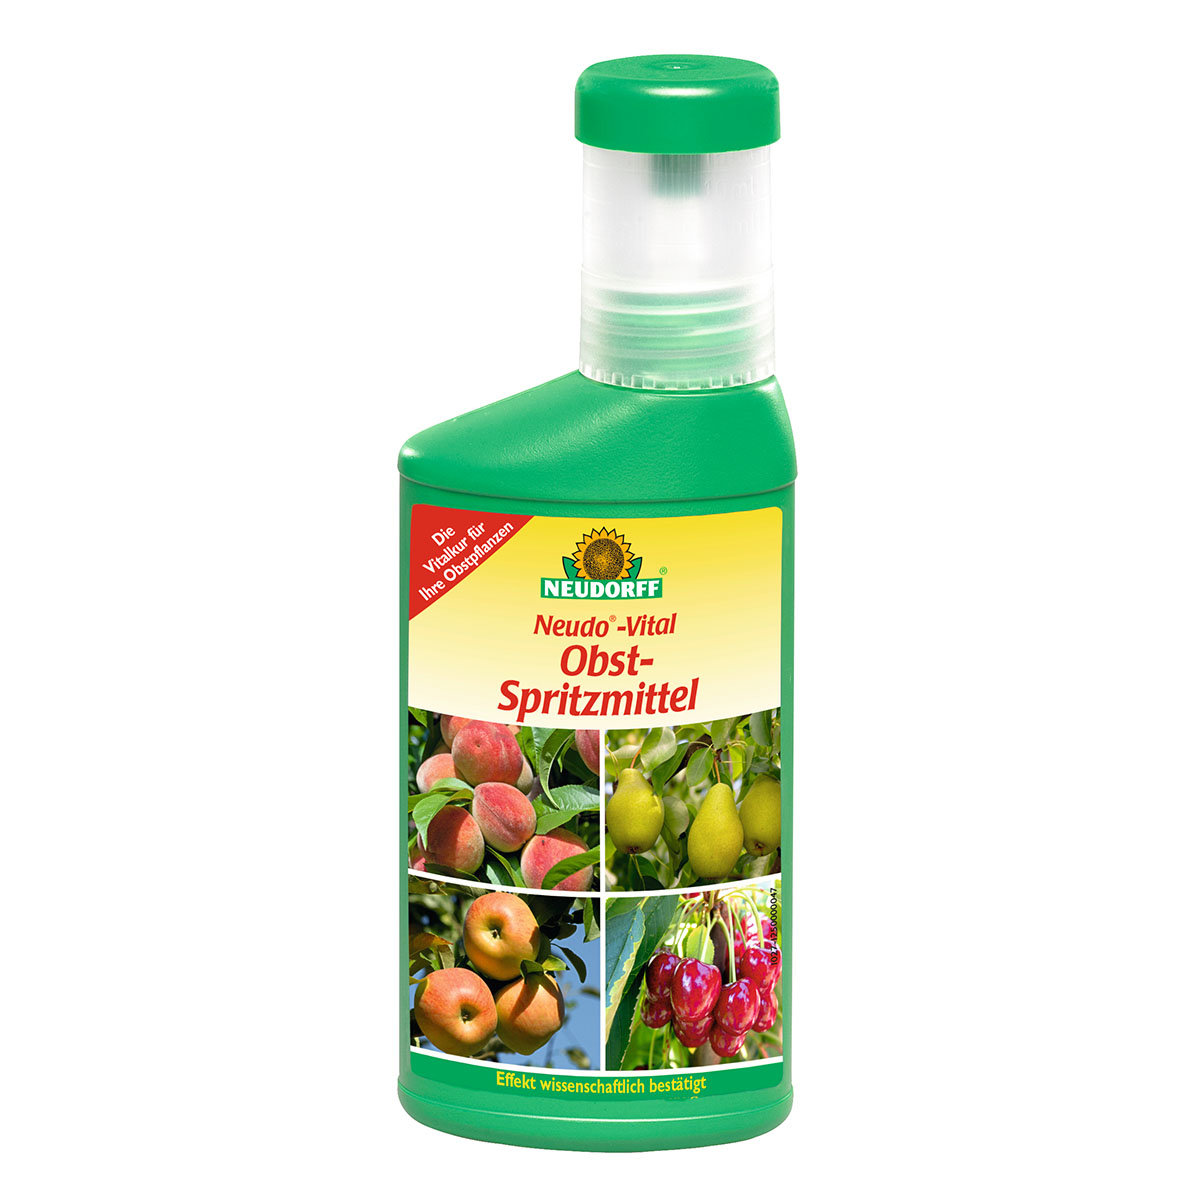 Neudo®-Vital Obst-Spritzmittel, 250 ml